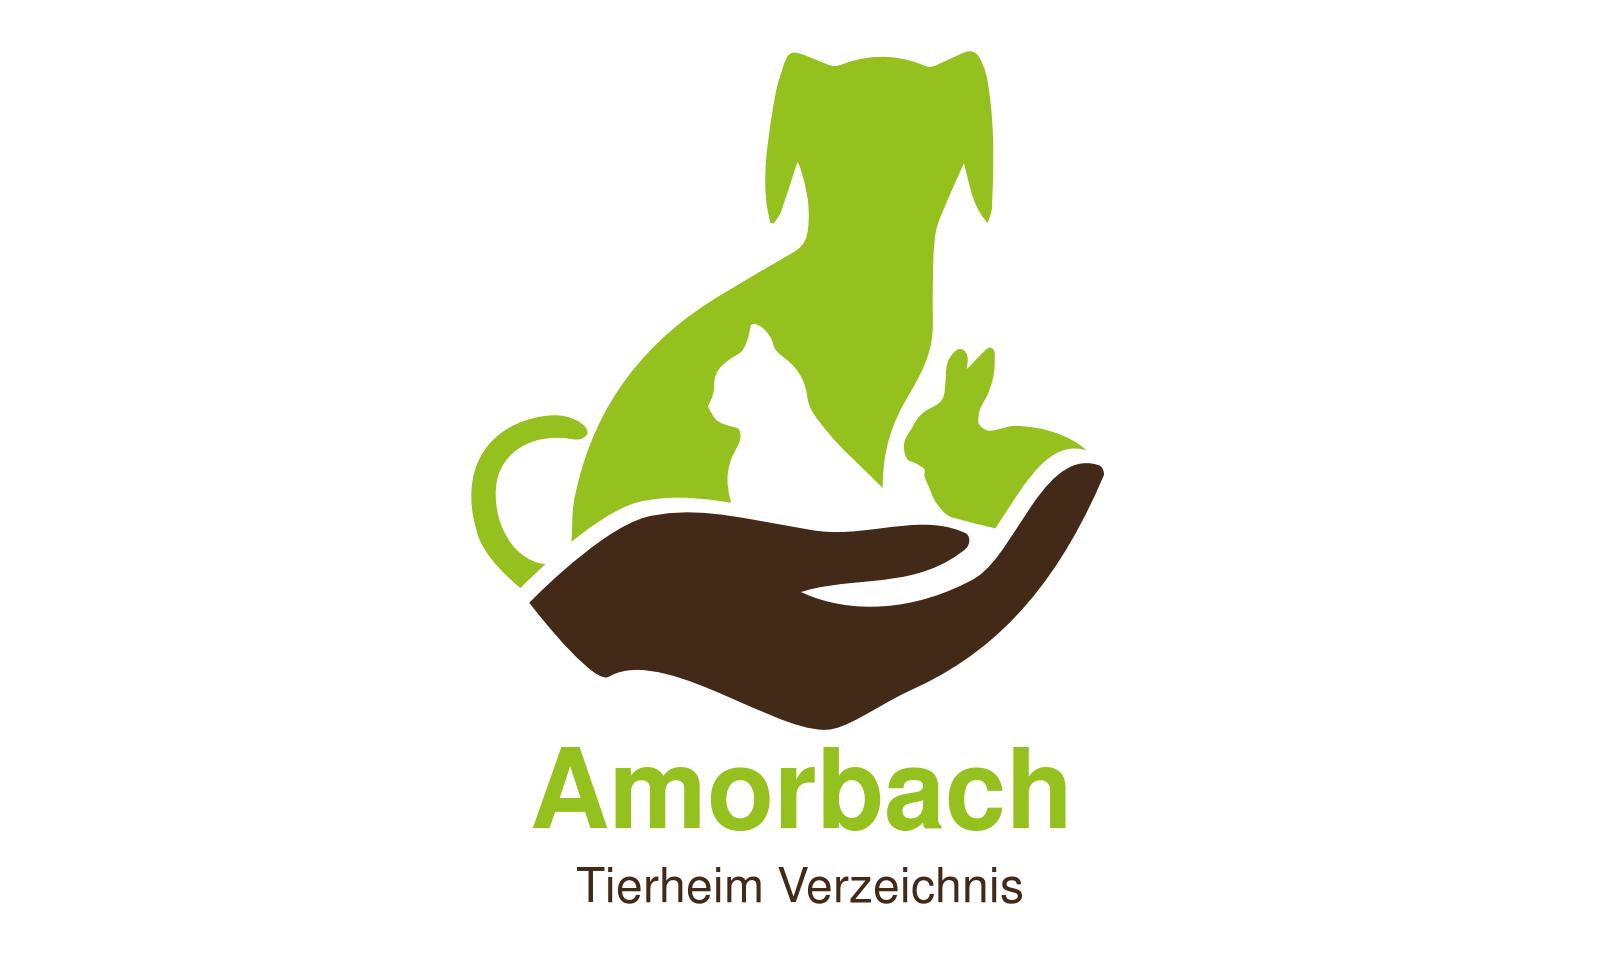 Tierheim Amorbach